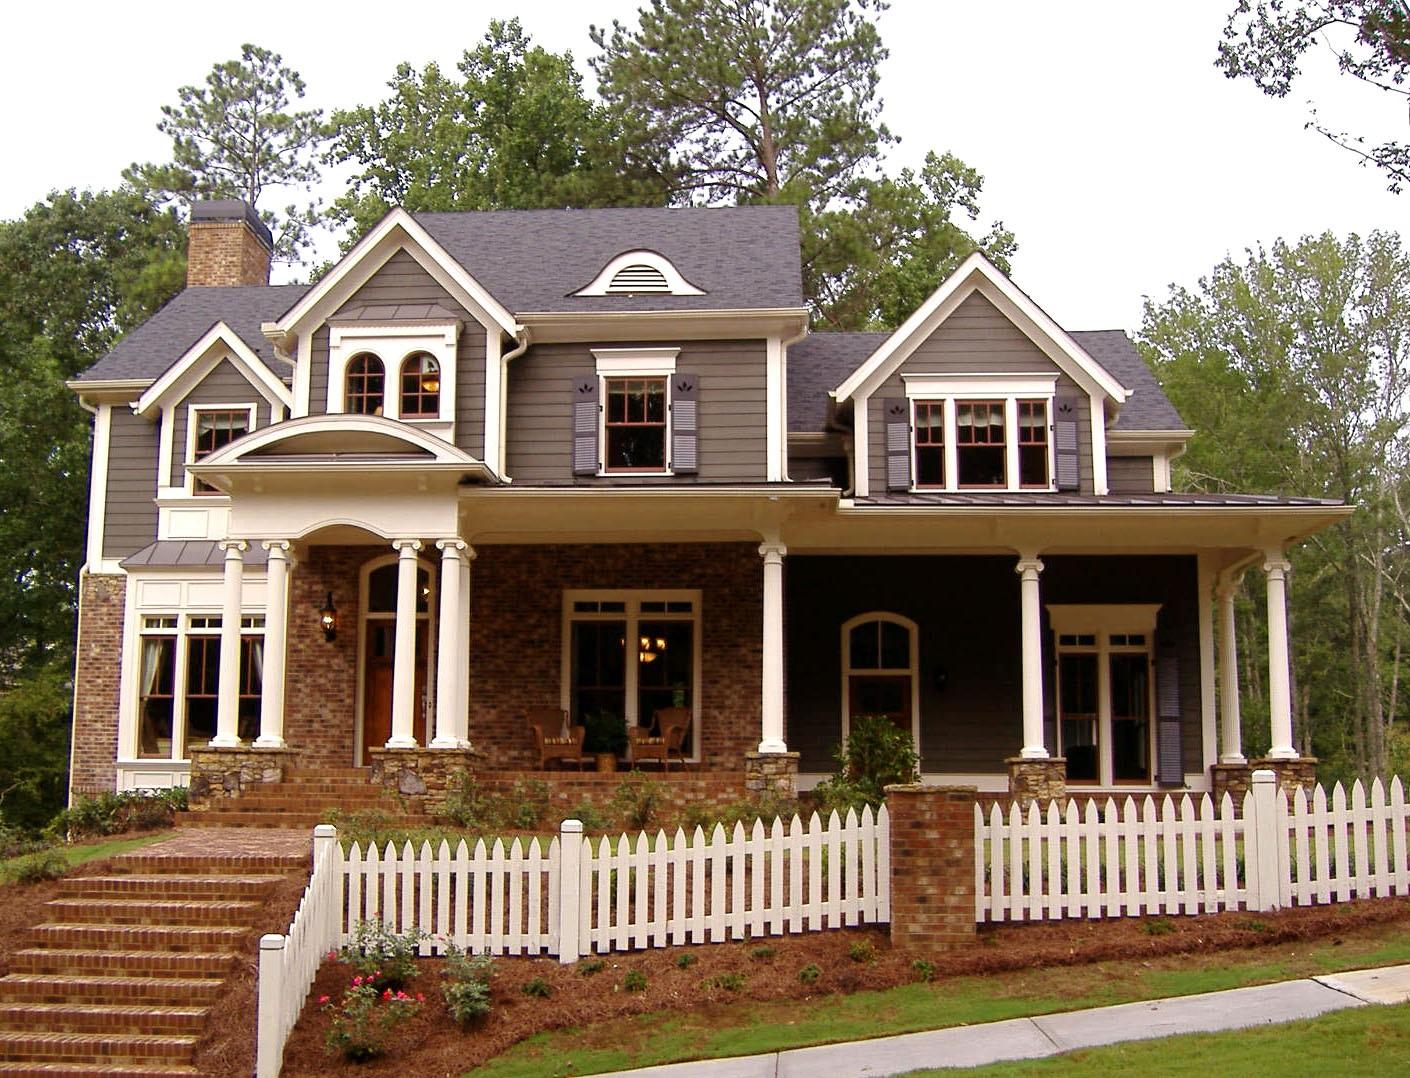 Ver fotos de casas bonitas escoja y vote por sus fotos de - Casas de ladrillos ...